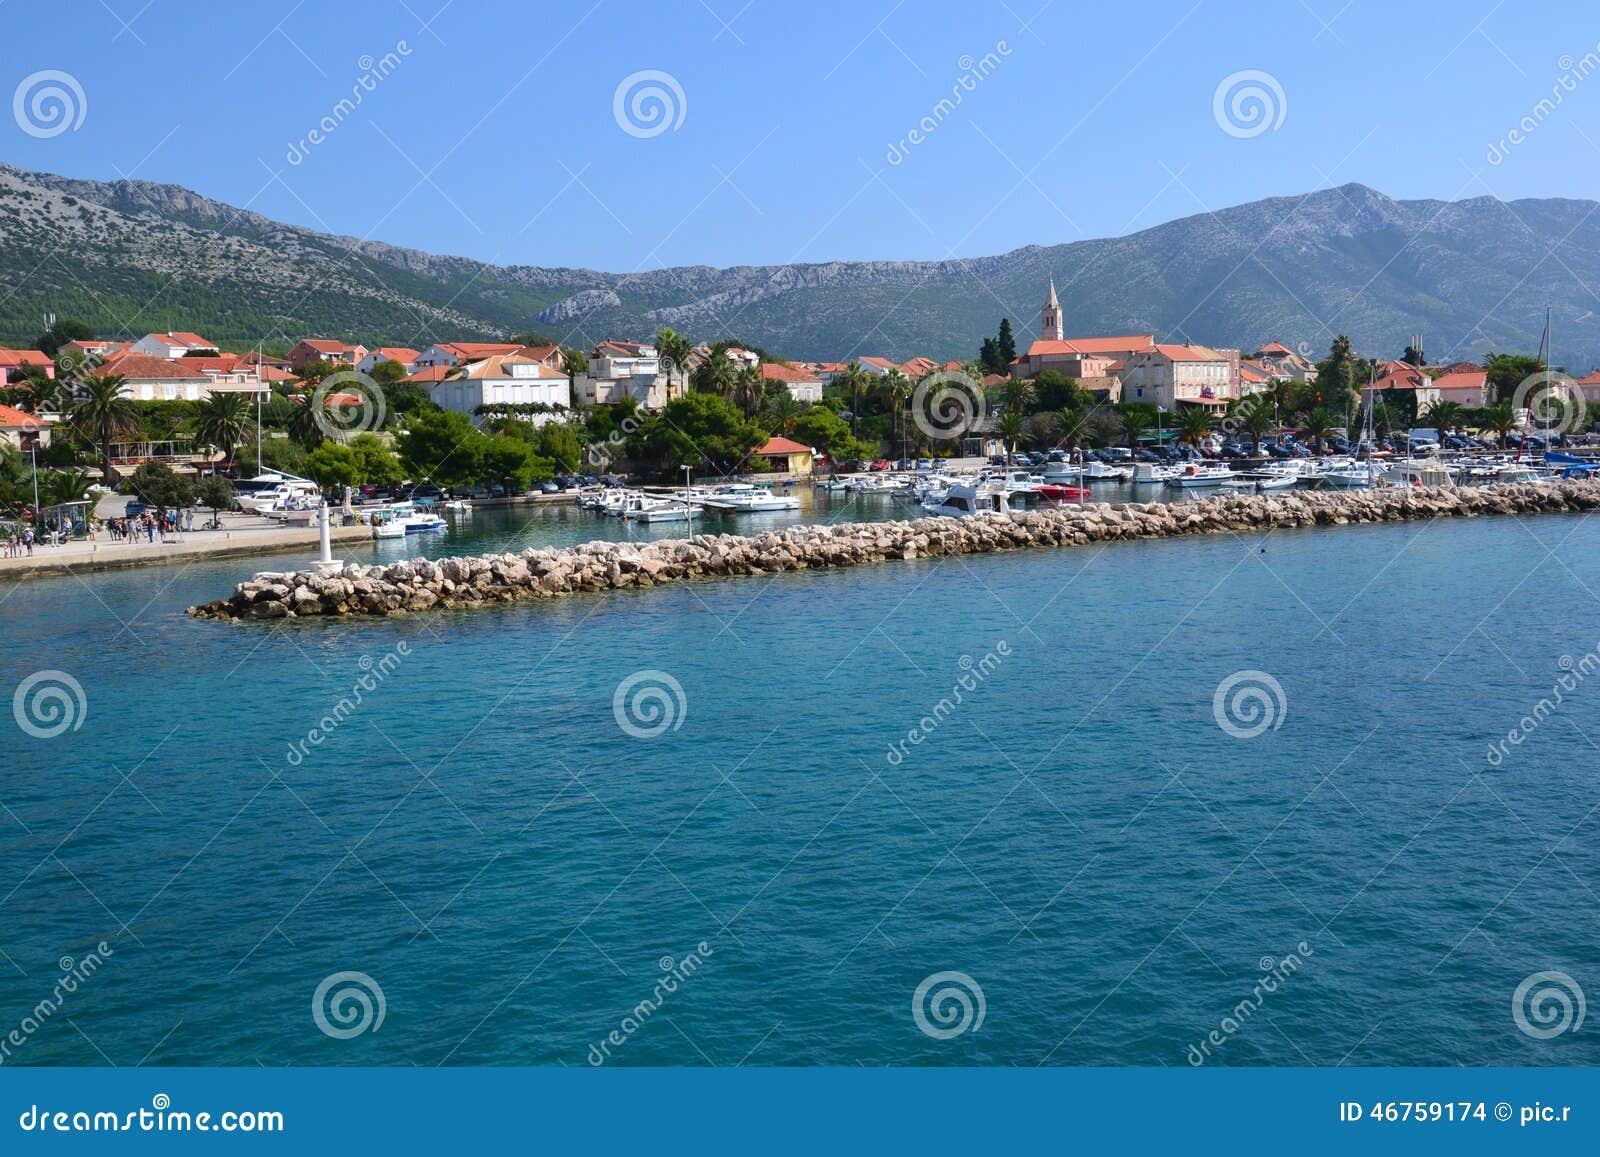 海边镇Orebic在克罗地亚,欧洲